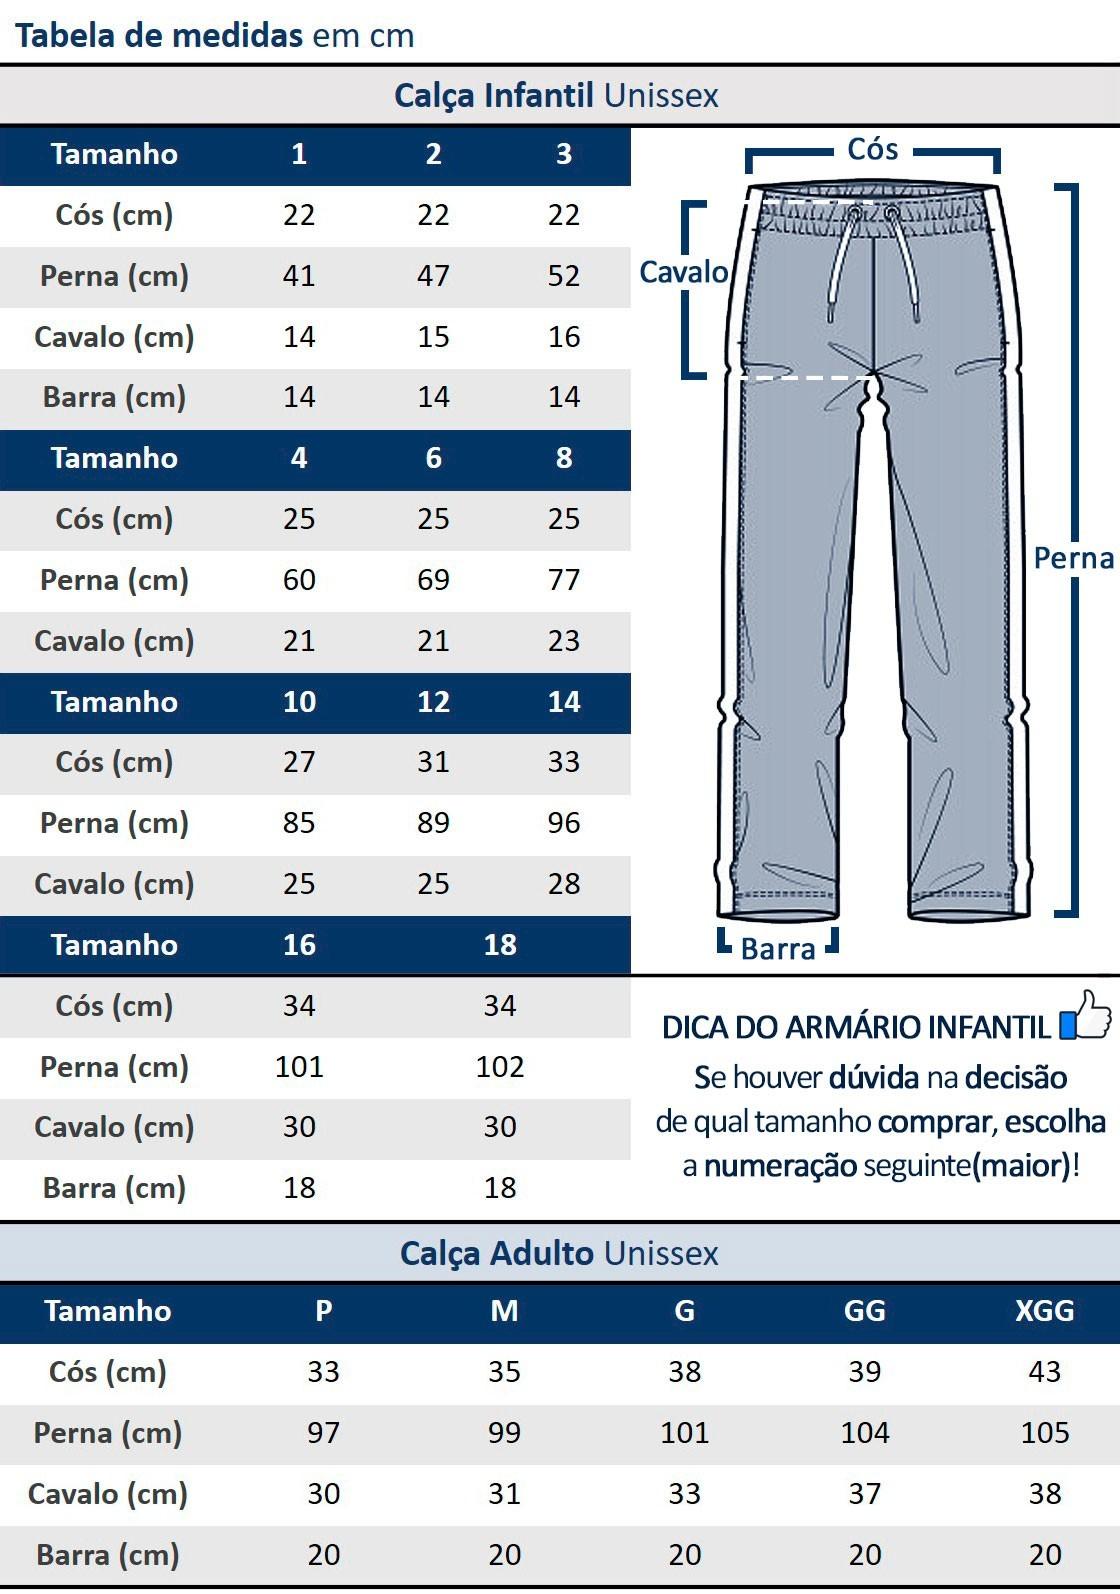 Calça De Moletom Infantil Feminina Flanelada Azul Malwee: Tabela de medidas